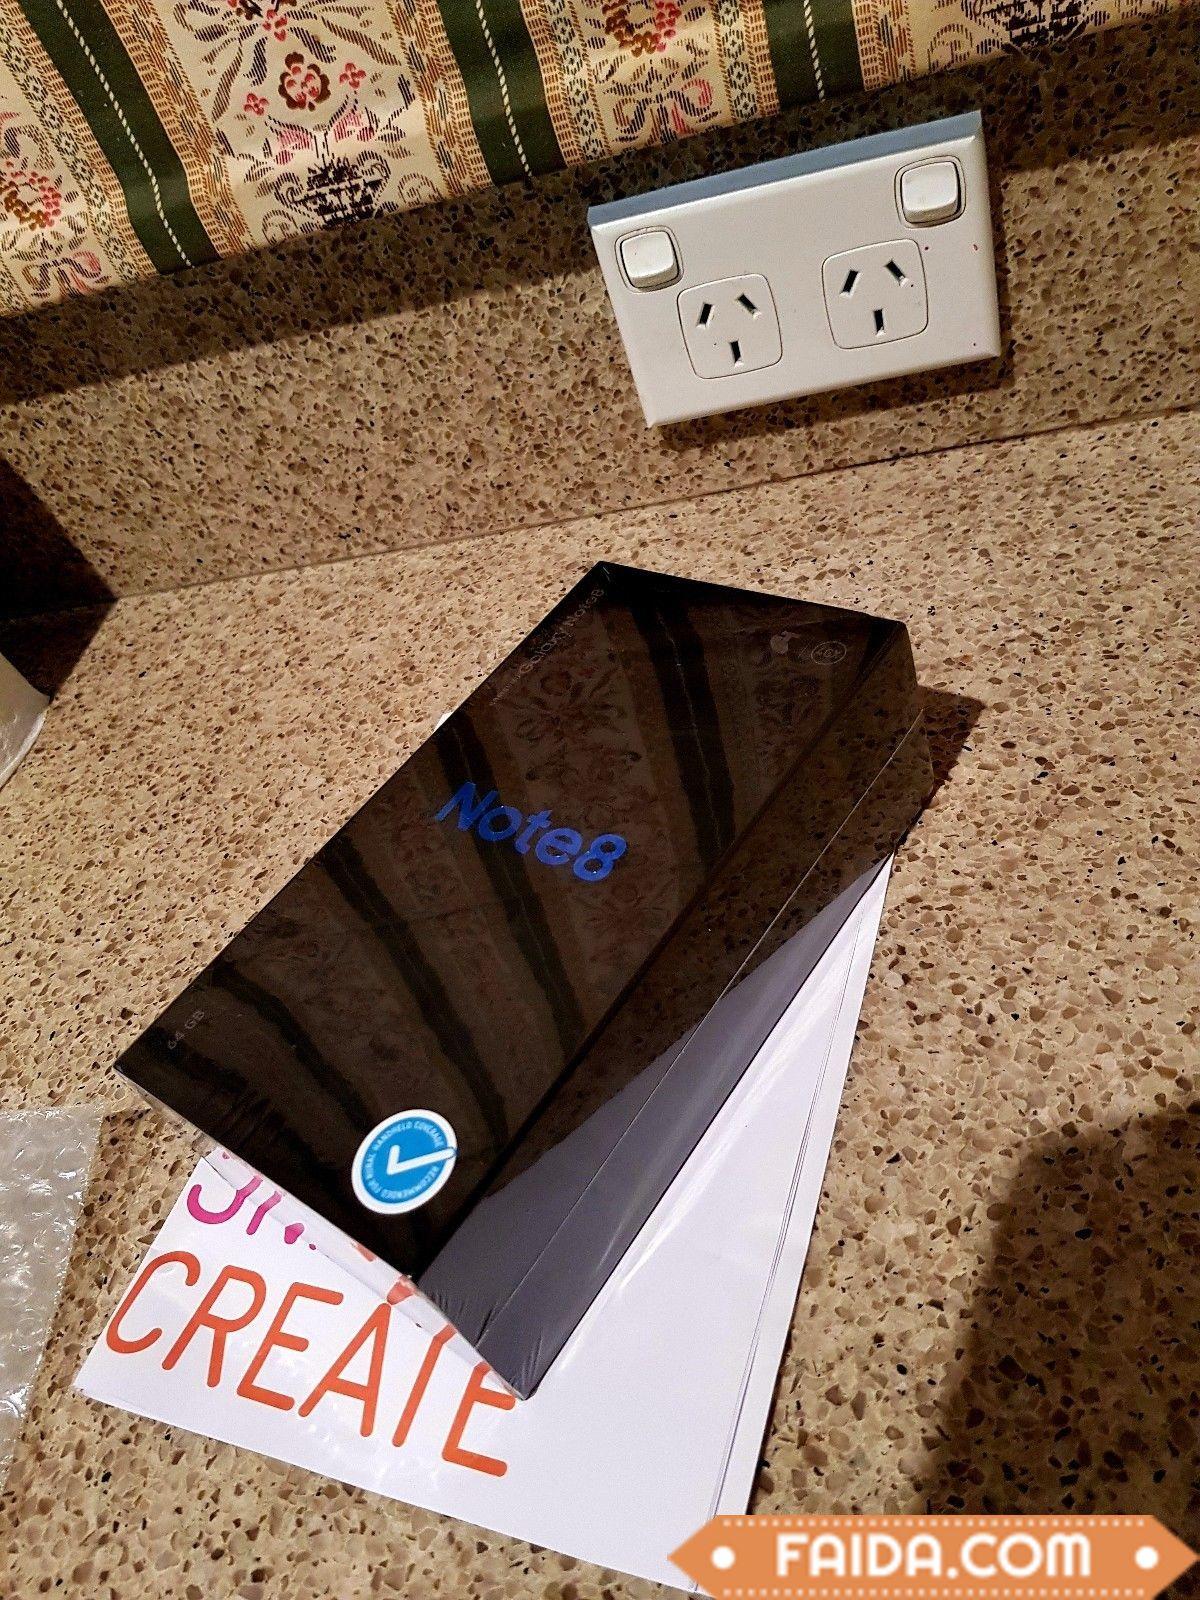 Samsung Galaxy Note8 SM-N950U - 64GB - Midnight Black Smartphone